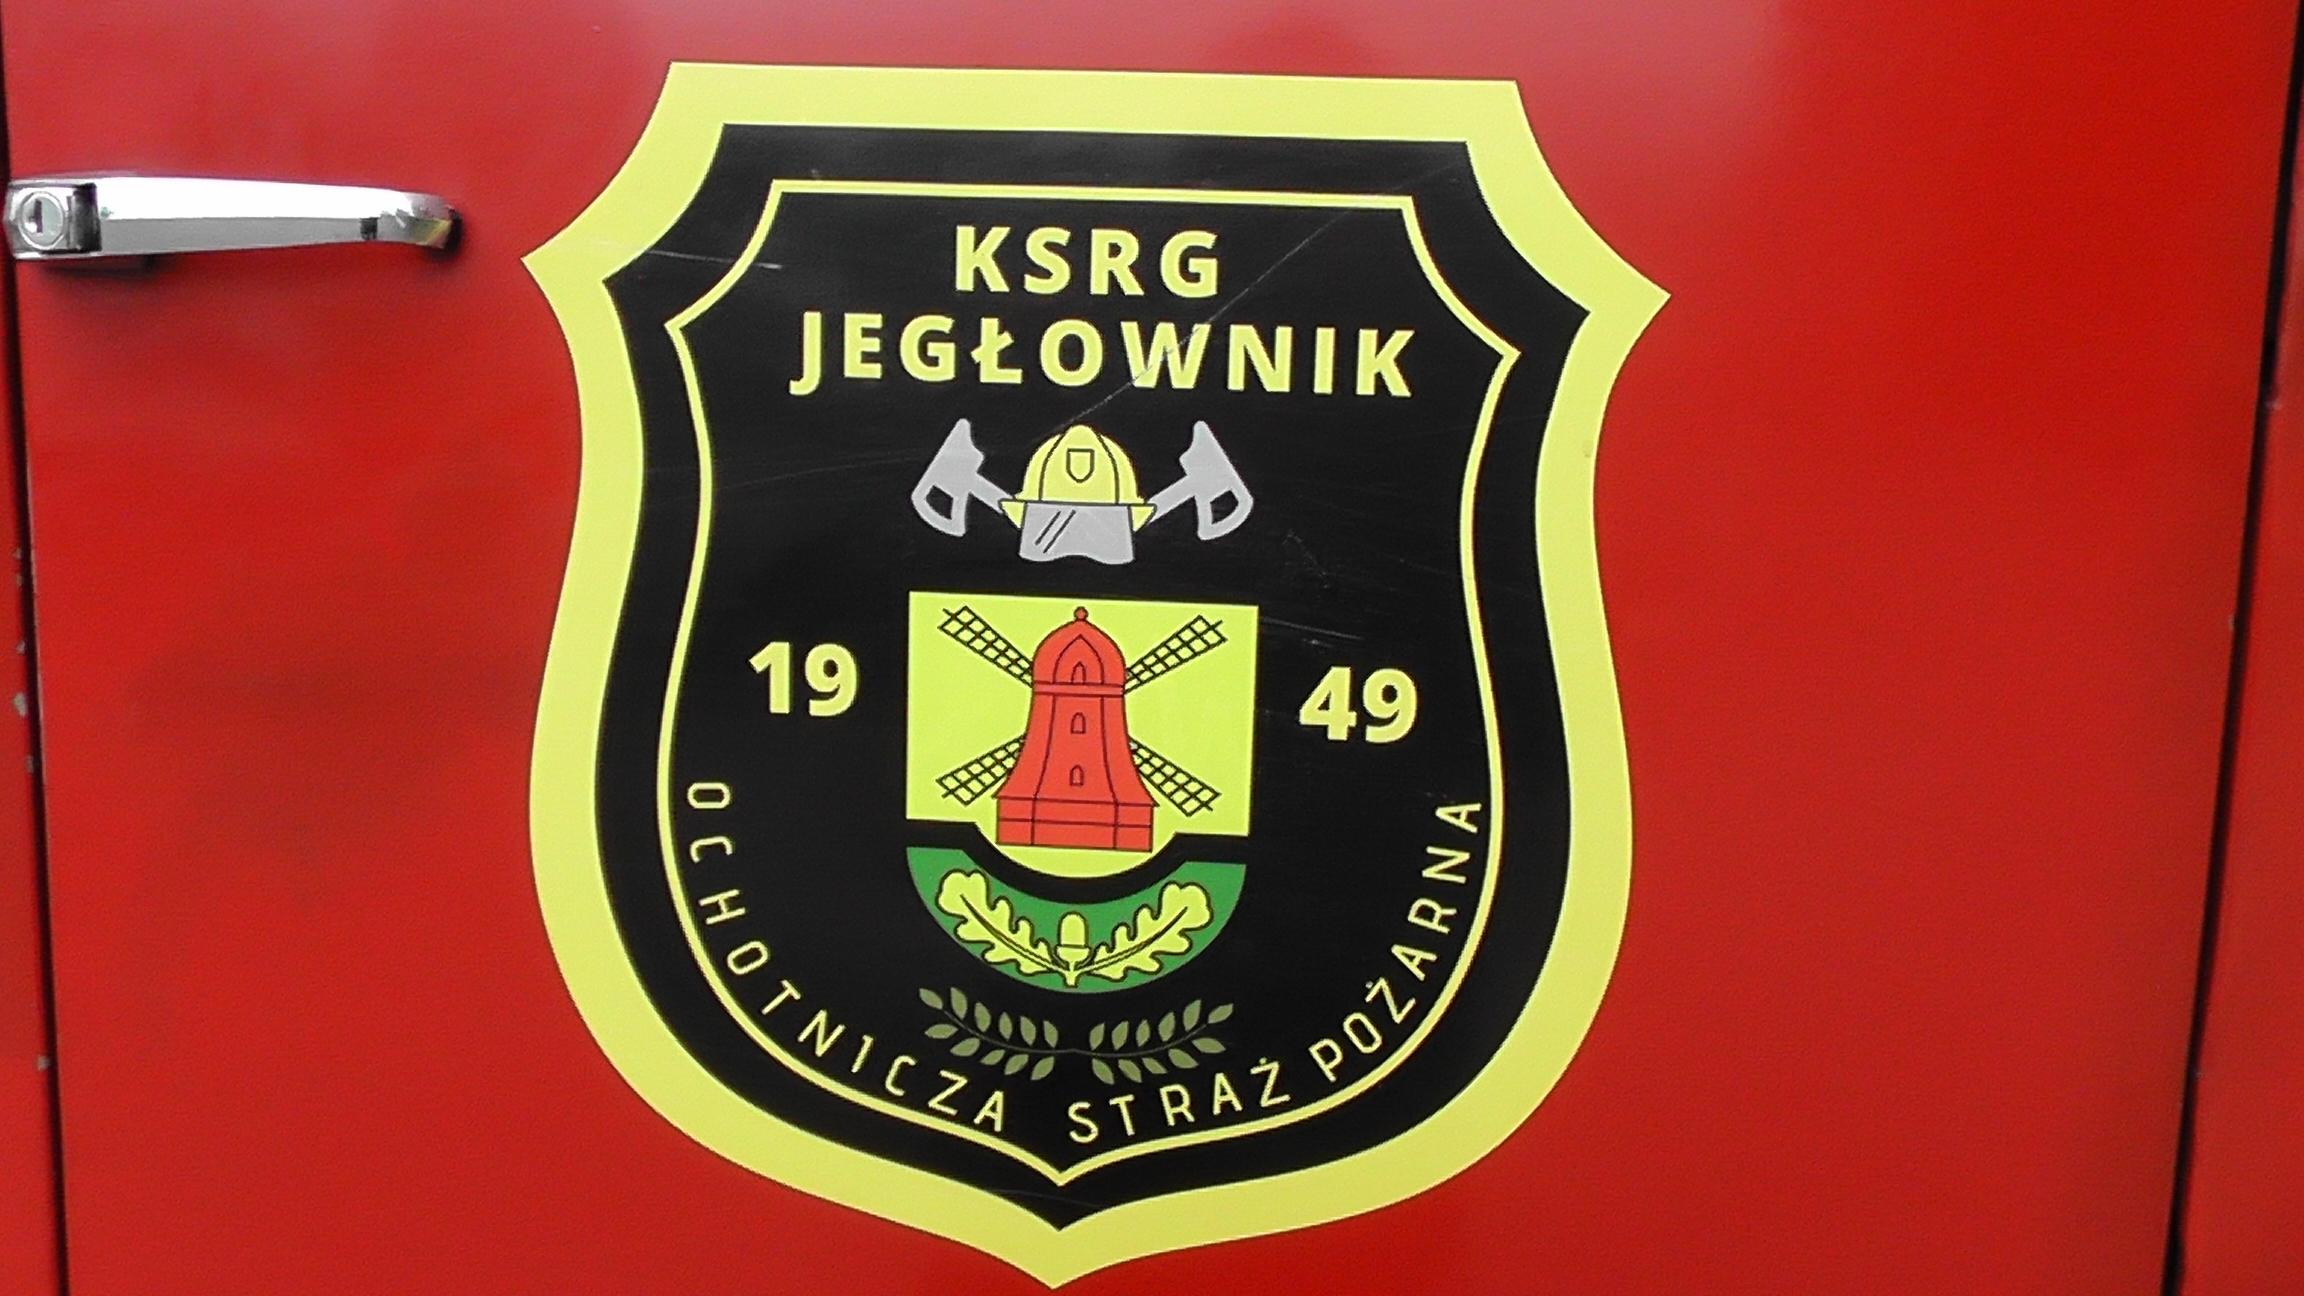 Ilustracja do informacji: Zachęcamy do udziału w wyborach ,dzięki wysokiej frekwencji możemy zdobyć wóz strażacki dla OSP Jegłownik .